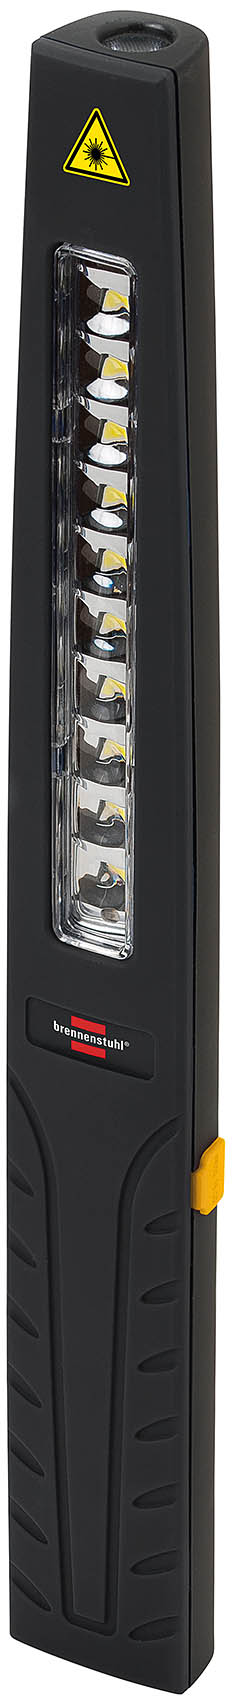 lampa warsztatowa LED akumulatorowa niemiecka lampa ledowa 10 + 1 LED HL DA 101 M